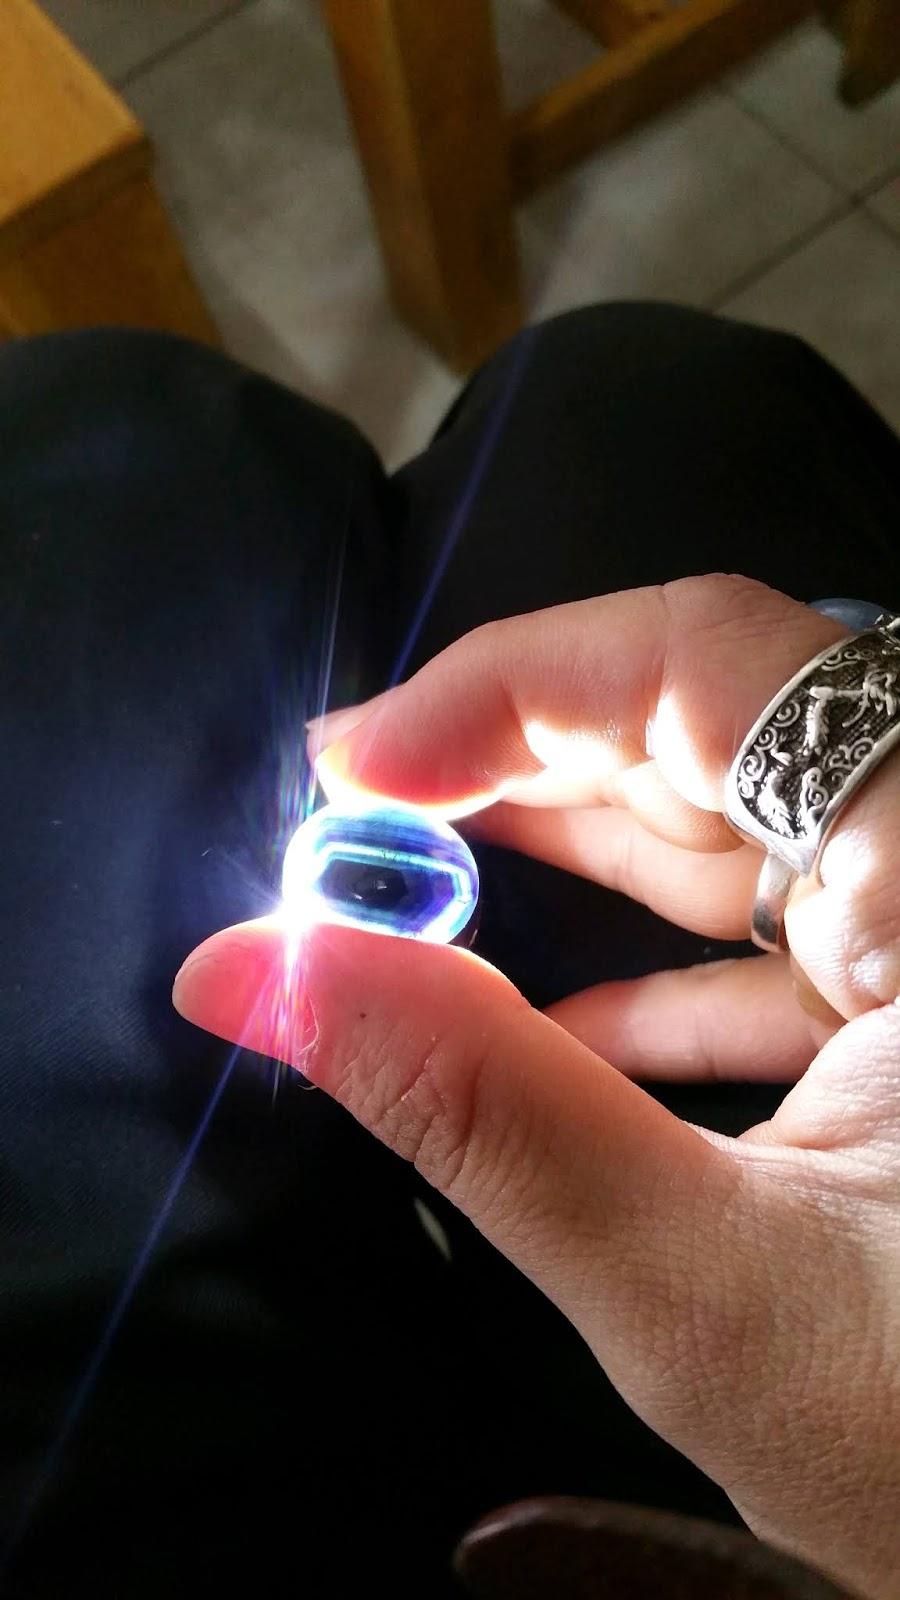 Natural Sapphire Phan Thiết chất ngọc, hàng to, hiếm